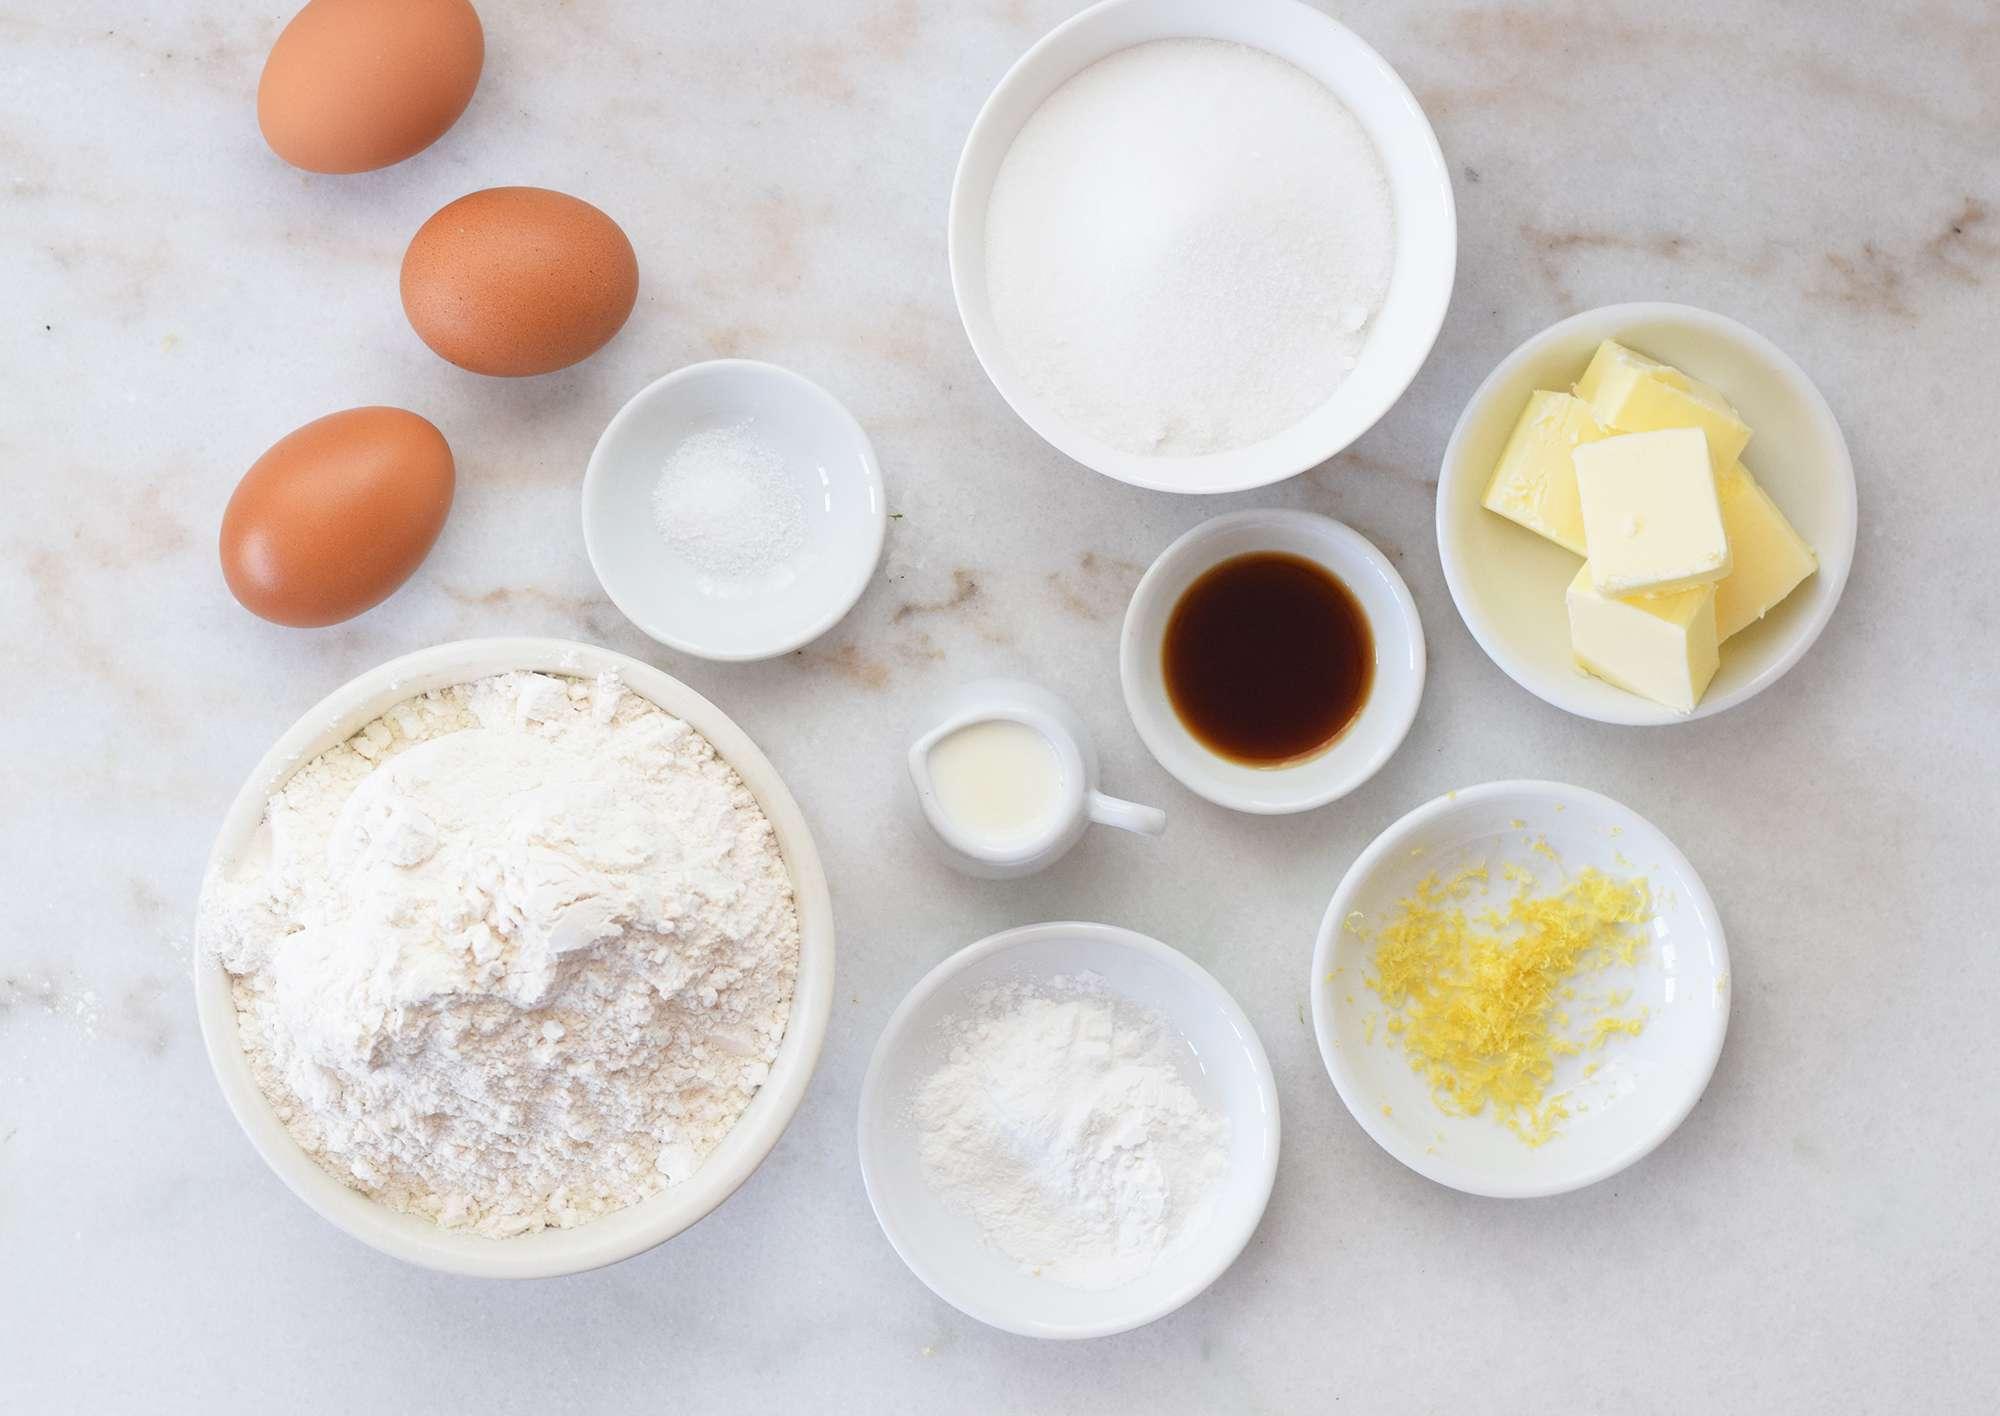 ingredients for italian easter cookies